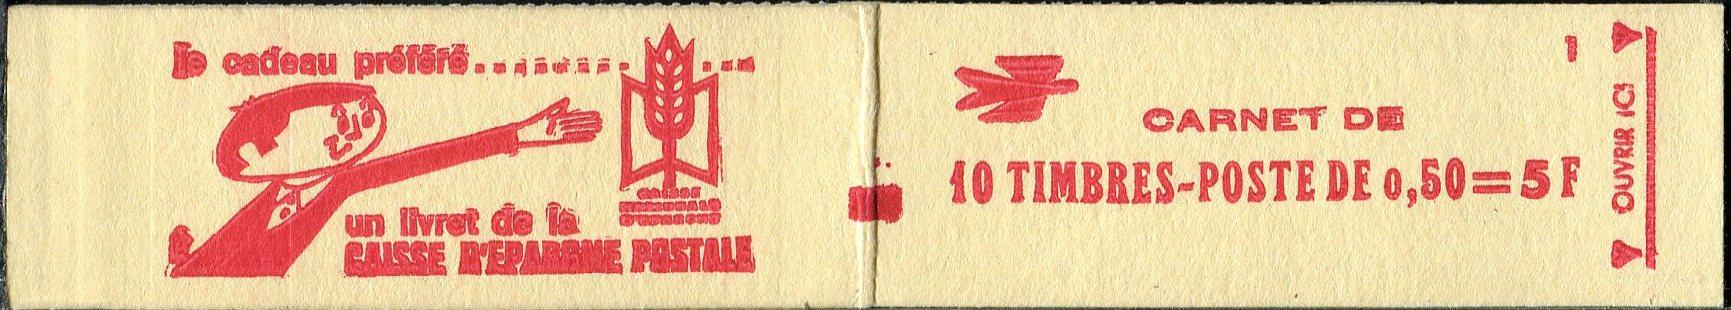 1664-C1_-_ACCP_517_-_couverture_avec_N°_de_confectionneuse_(_1)